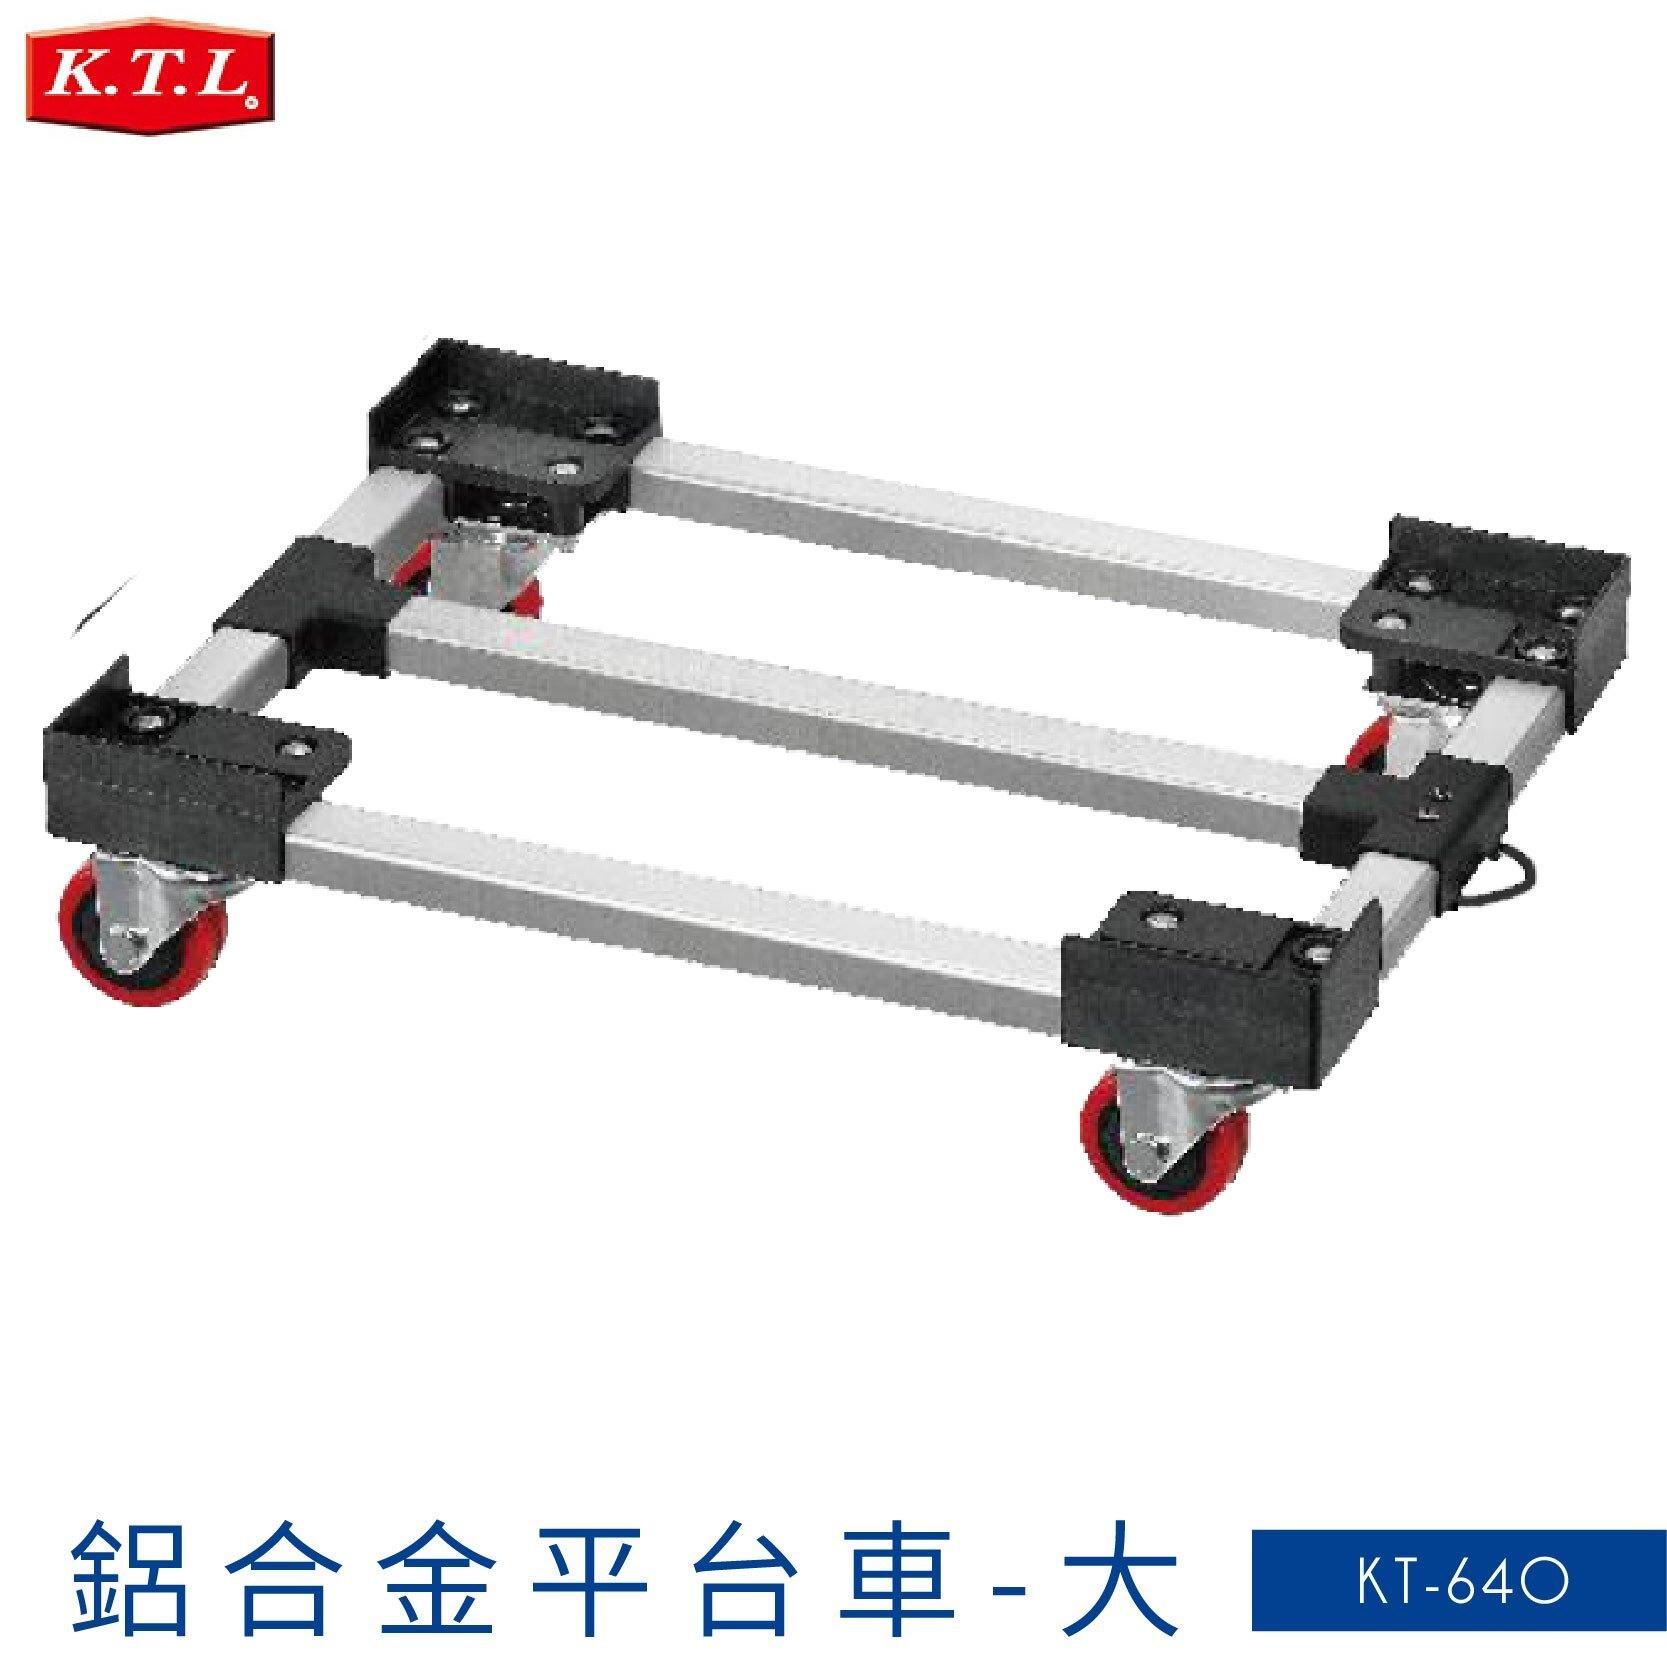 台灣製造➤KT-640 鋁合金平台車(大) 平板車 烏龜車 推車 工作車 工具車  置物車 清潔車 置物架